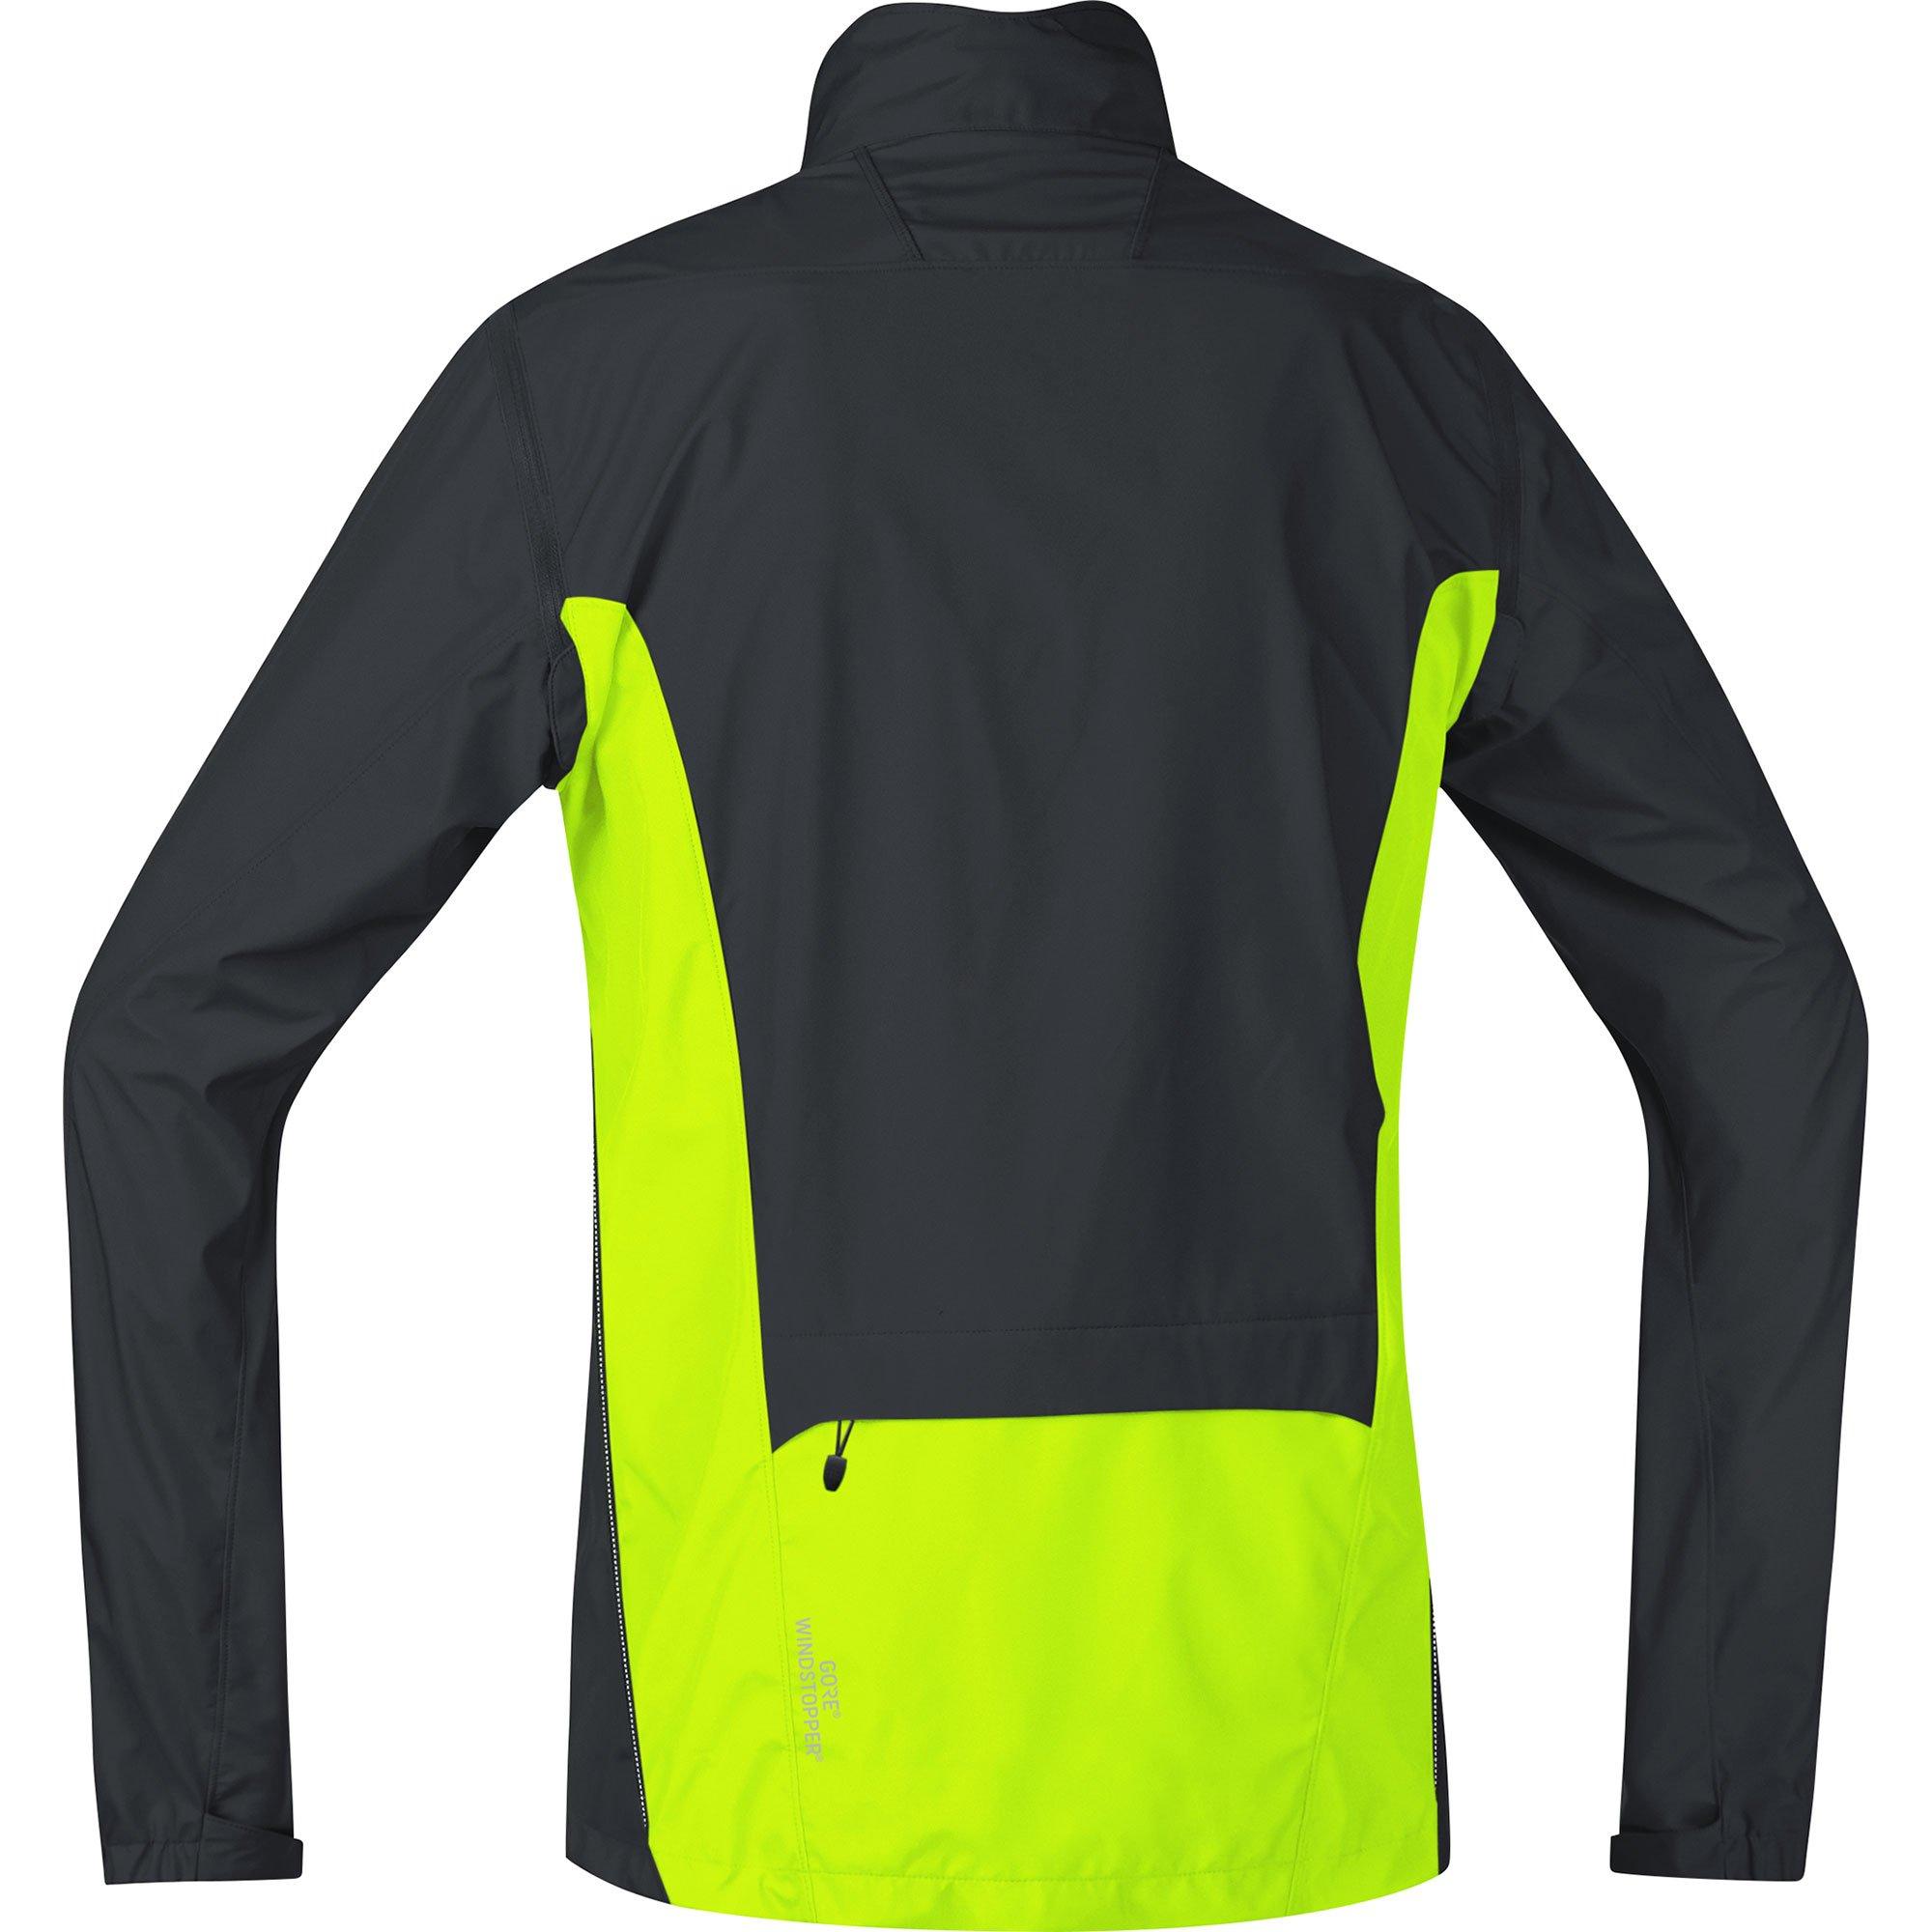 Gore Bike WEAR Men's Cycling Jacket, Super Light, Gore Windstopper, Jacket, Size: S, Black/Neon Yellow, JWELMZ by GORE WEAR (Image #2)